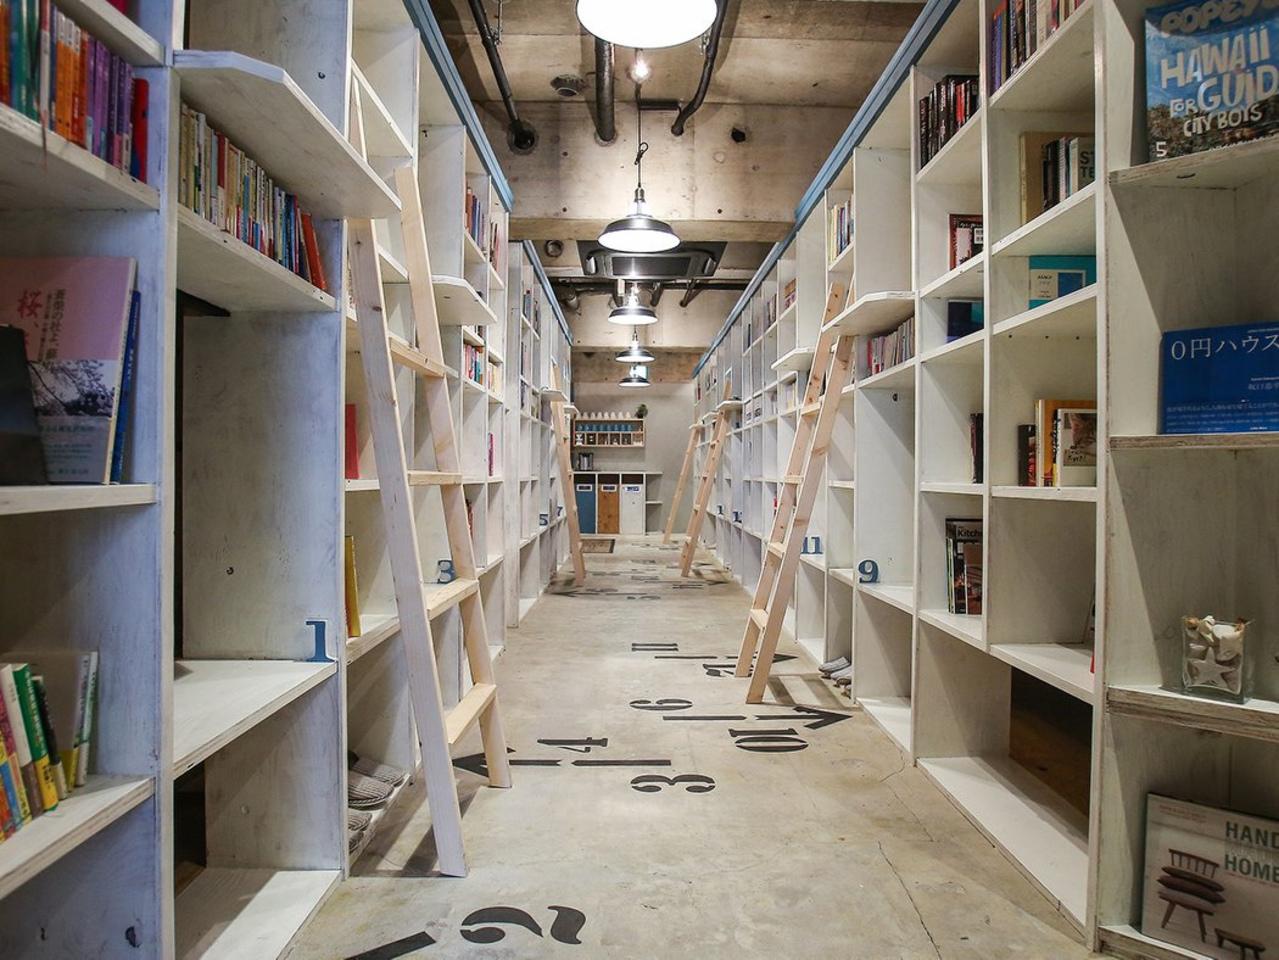 新潟市中央区のゲストハウス『BOOK INN』